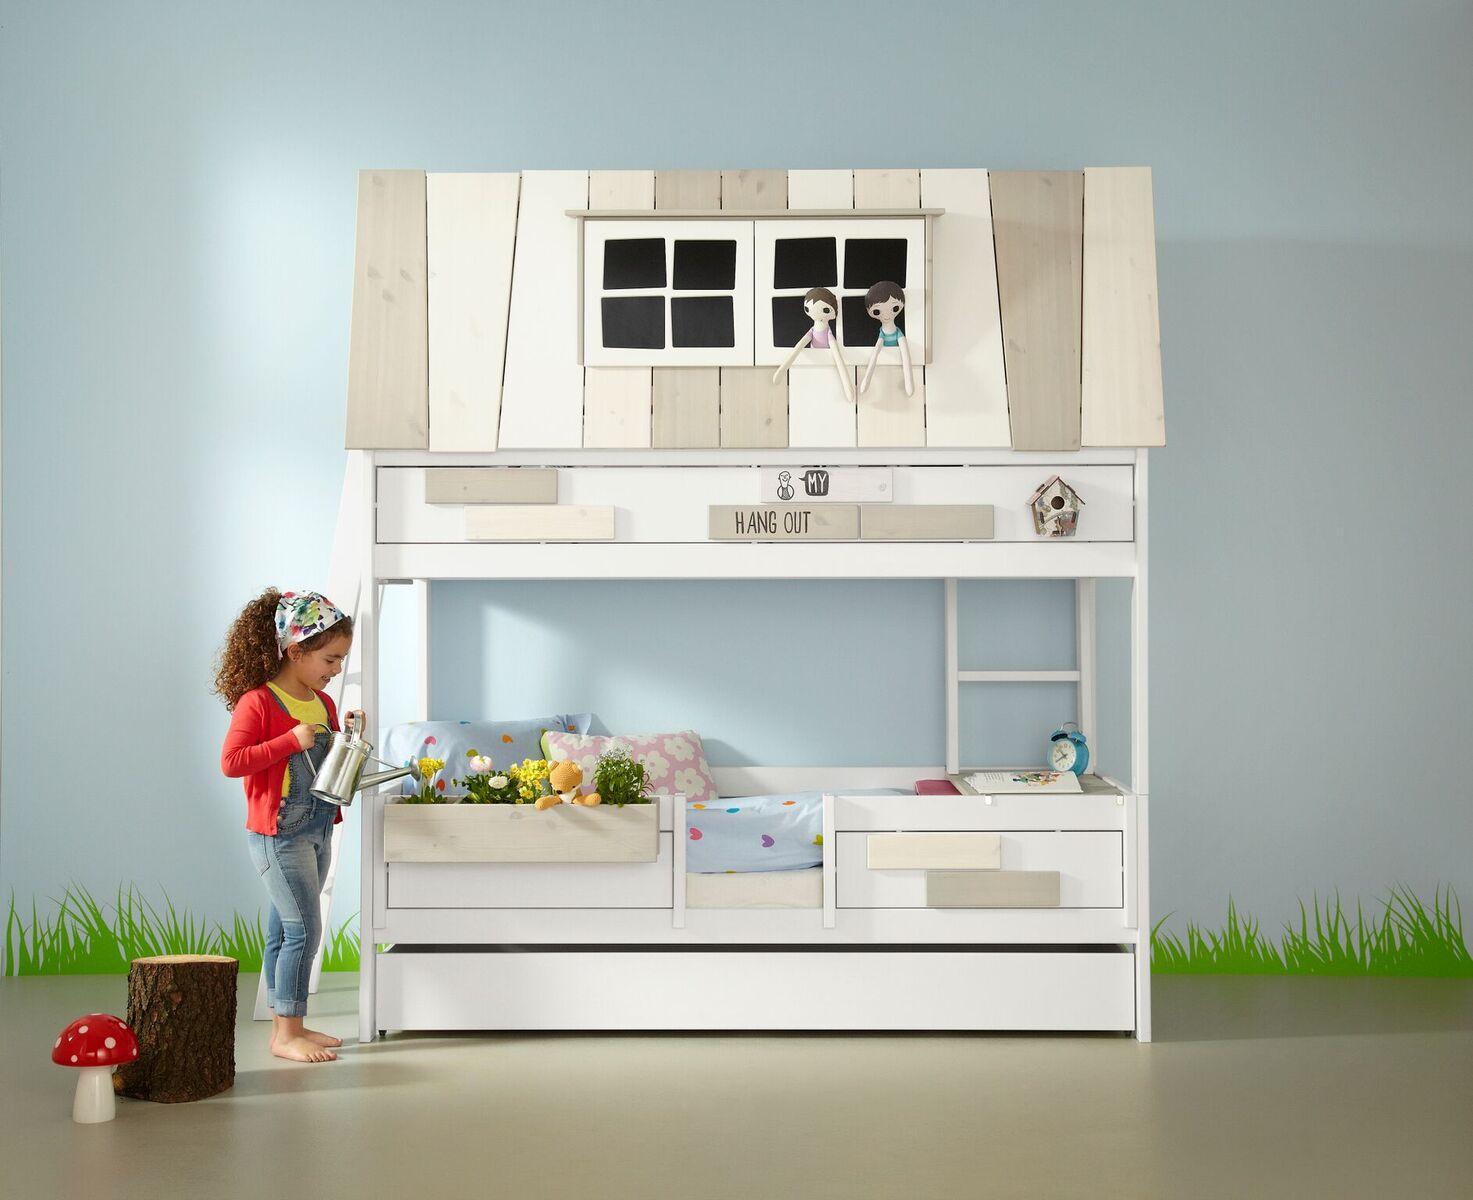 Haus Bett Etagenbett : Halbhohes kinderhochbett mobelhaus cebu moebelhaus berlin owner